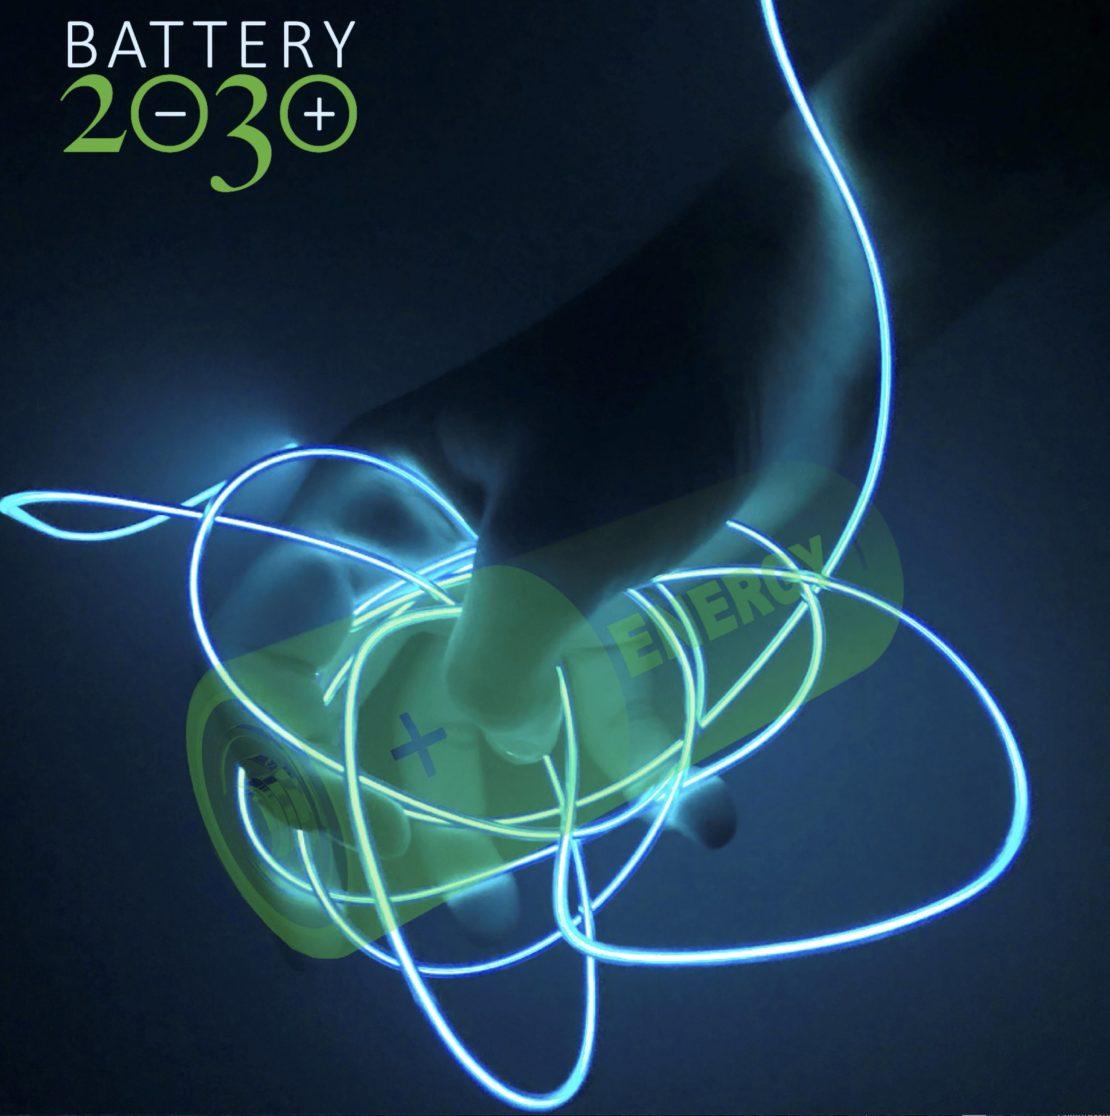 Batteries : Europe 2030, concentré sur le +